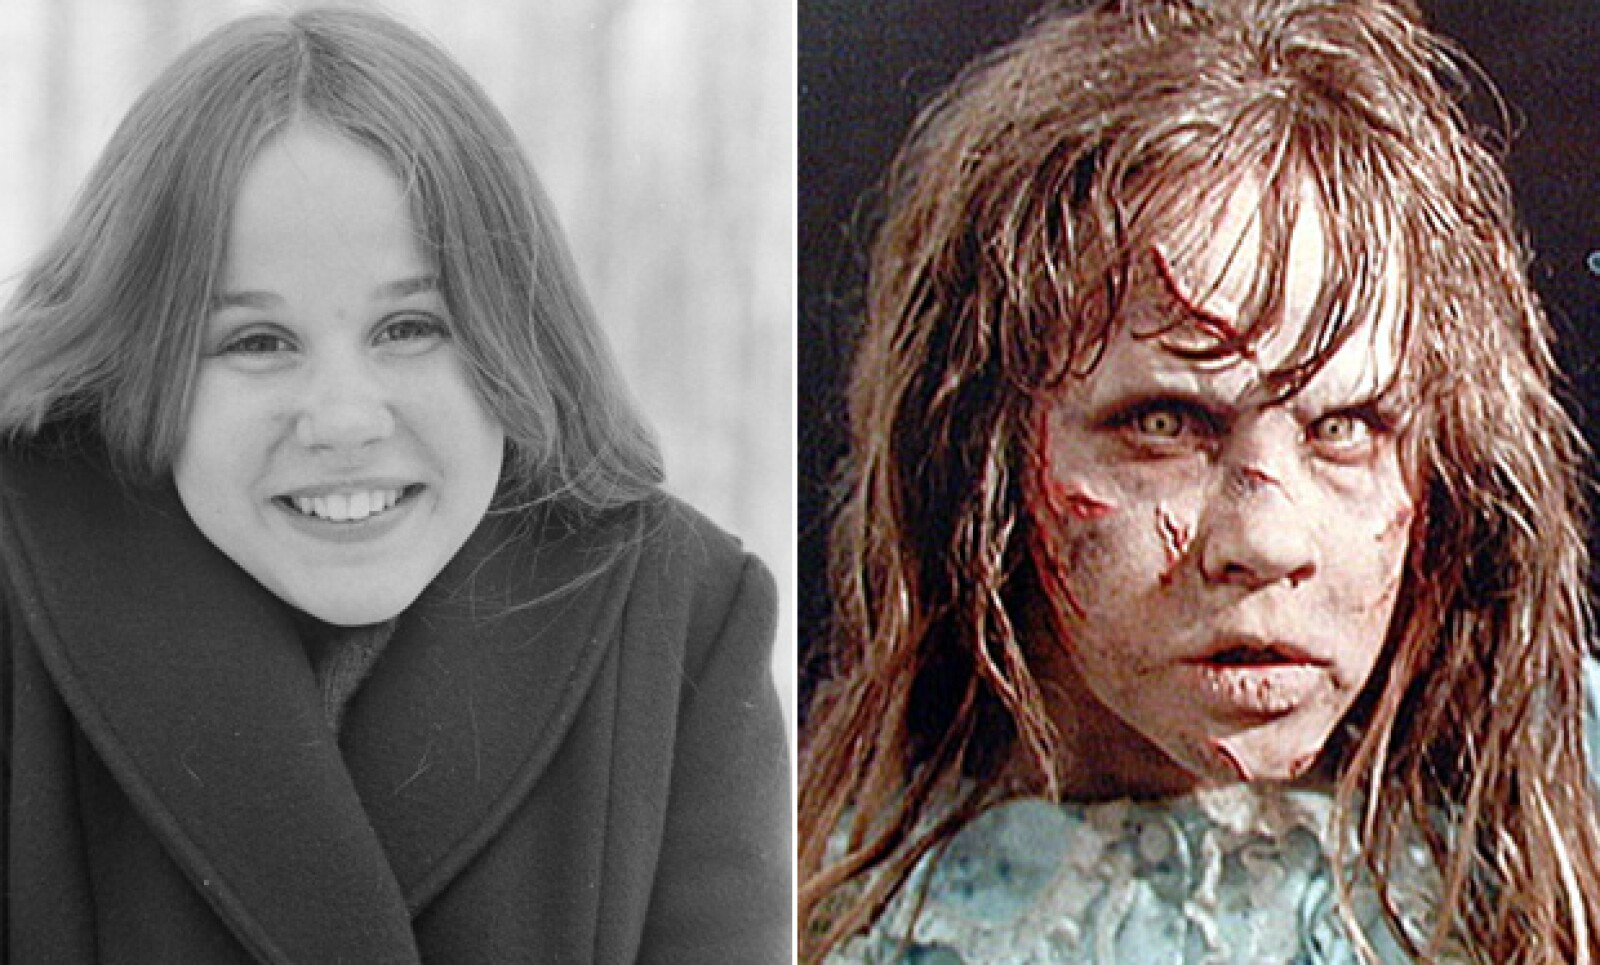 Sólo los genios de la caracterización son capaces de convertir a la inocente Linda Blair en Satanás mismo.